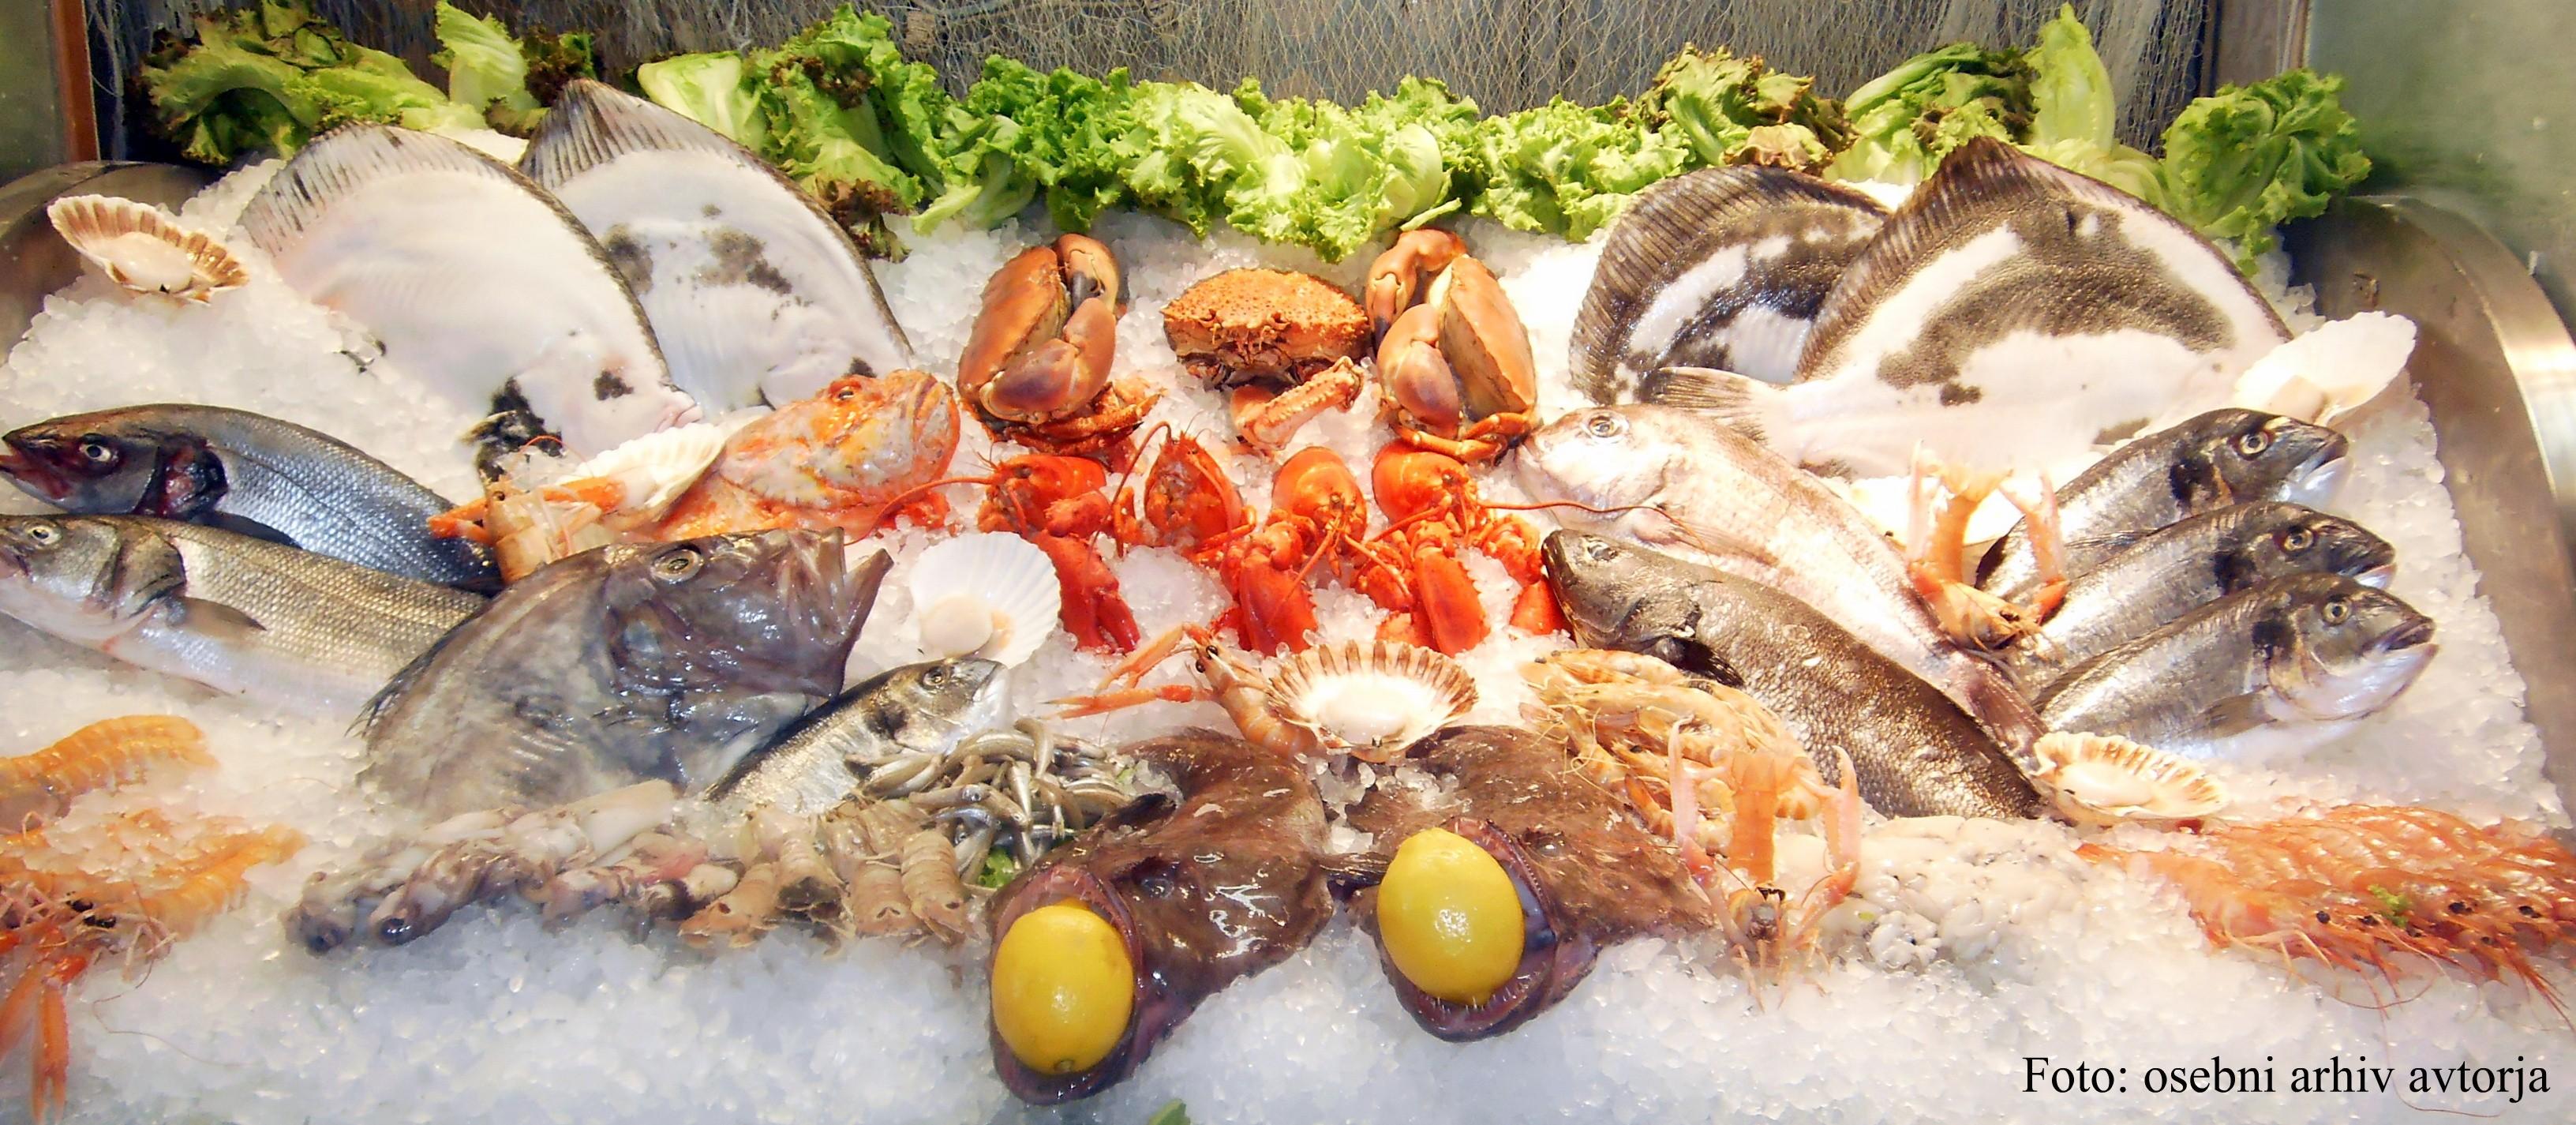 Sveže ribe in morski sadeži na ledu